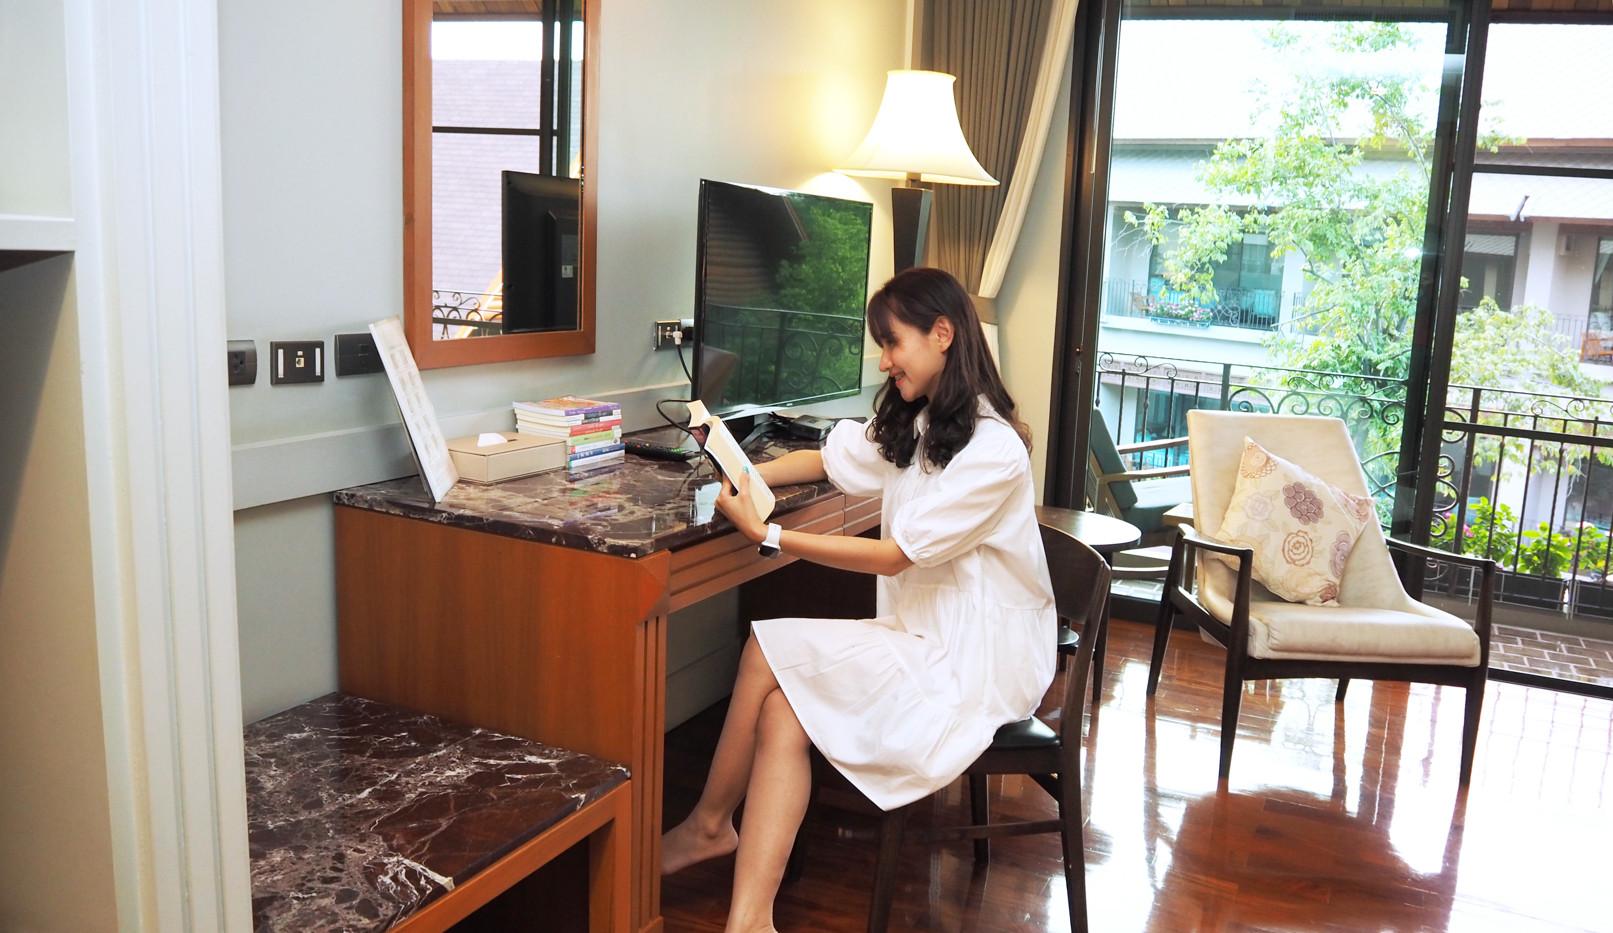 plakanresort_room16.JPG